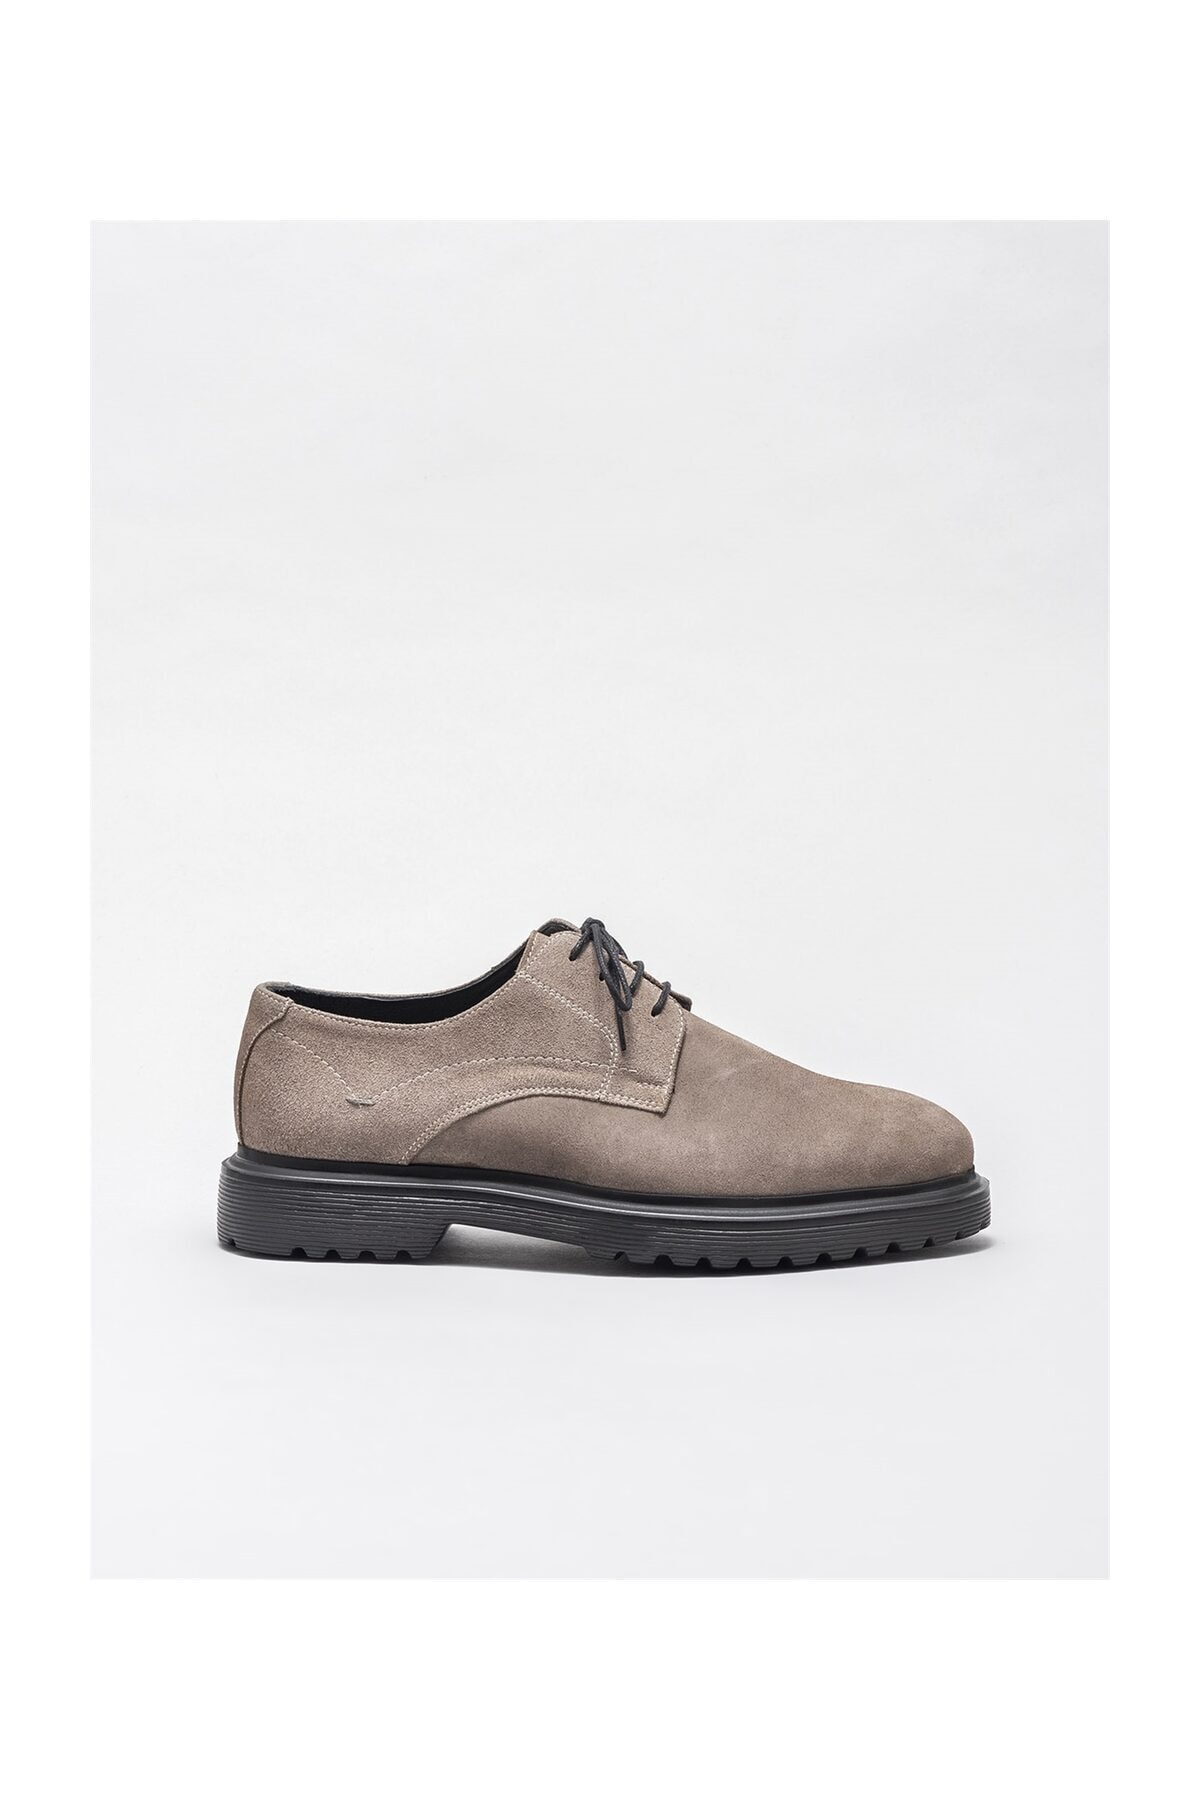 Elle Shoes Erkek ANDY Casual Ayakkabı 20KMTM-604 2